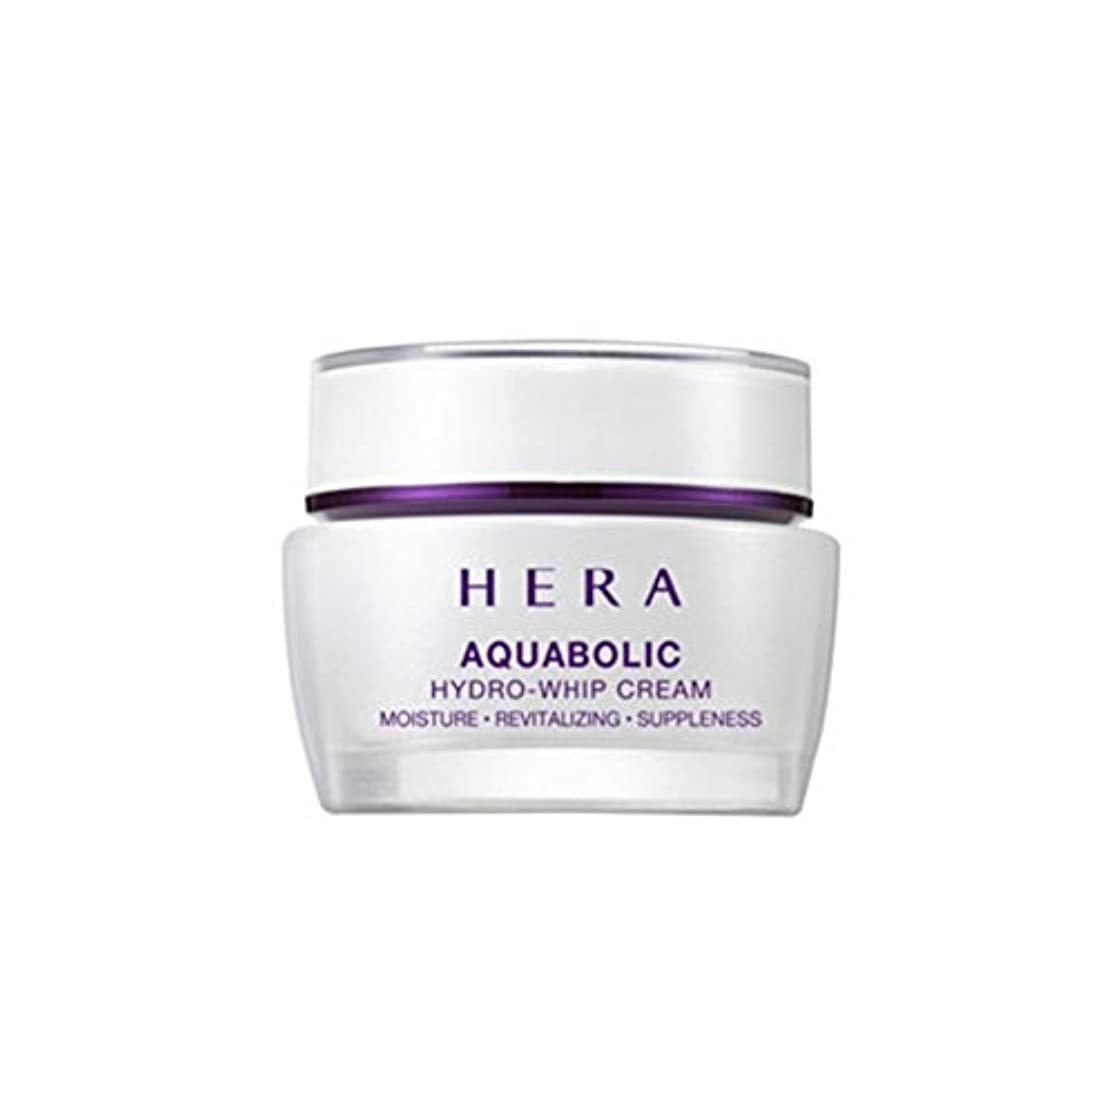 ロバ不愉快に怠(ヘラ) HERA Aquabolic Hydro-Whip Cream アクアボリックハイドロホイップ クリーム (韓国直発送) oopspanda